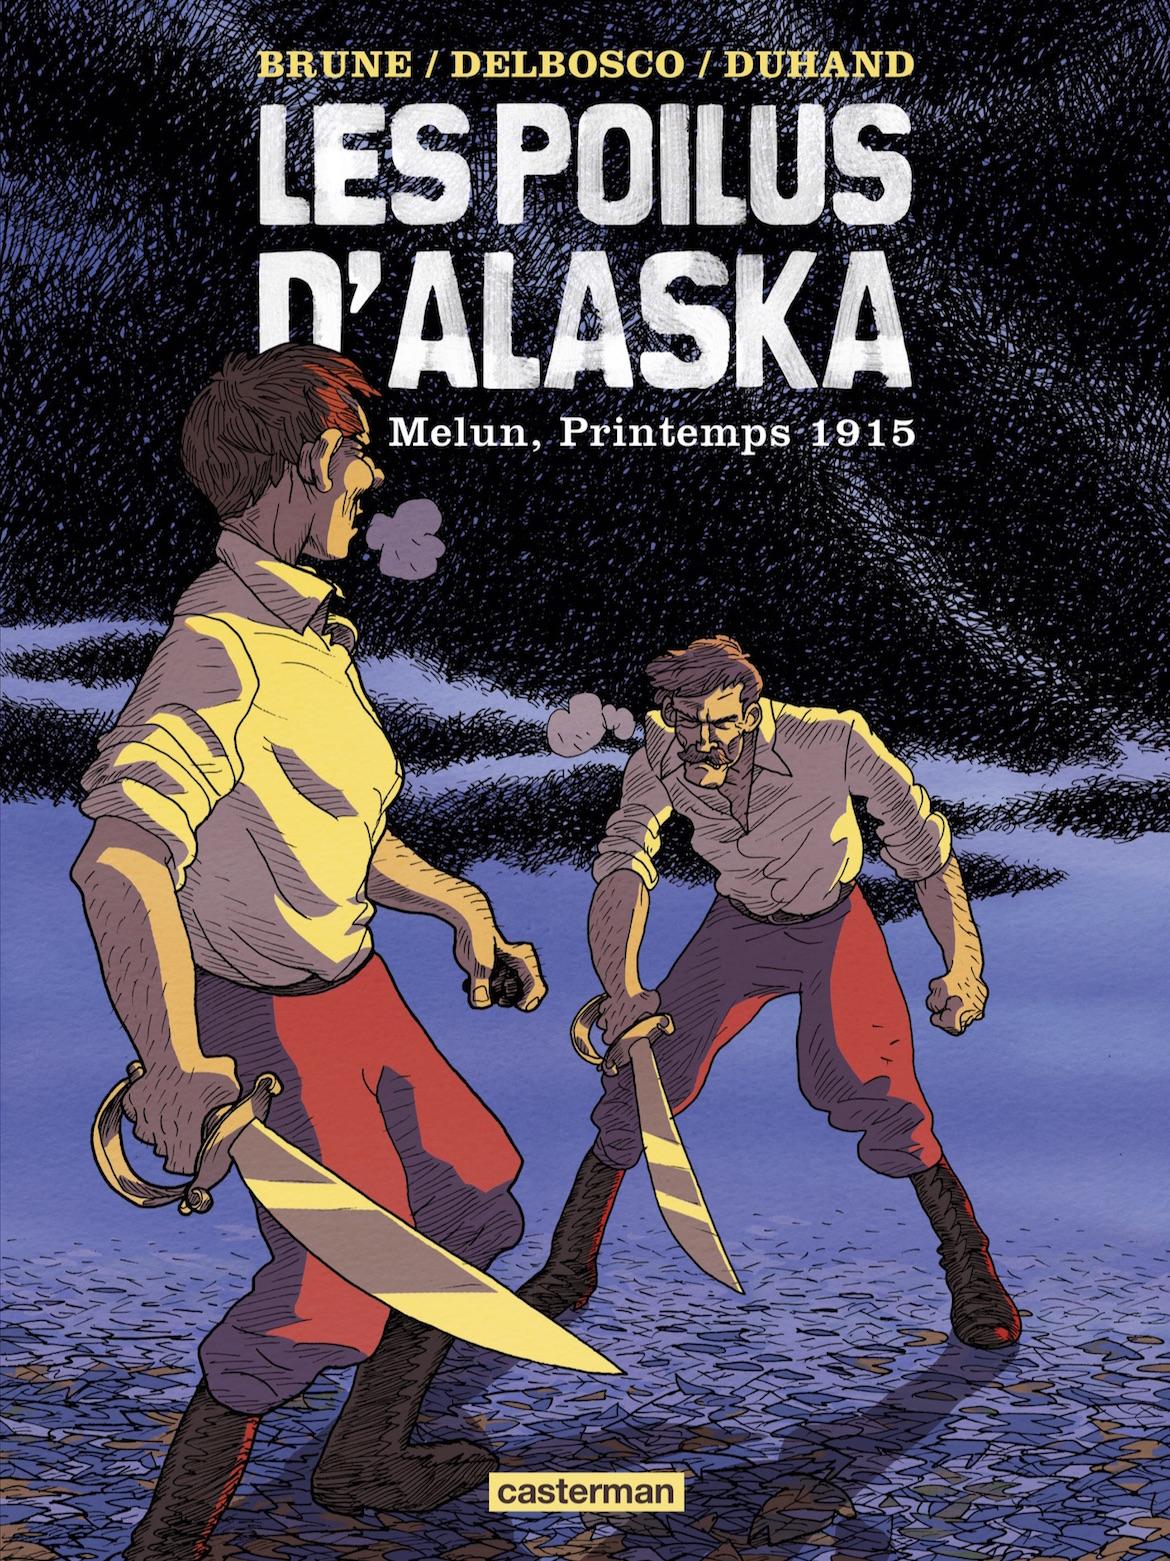 Les poilus d'alaska - tome 2 - Delbosco - Duhand - Brune - Couverture